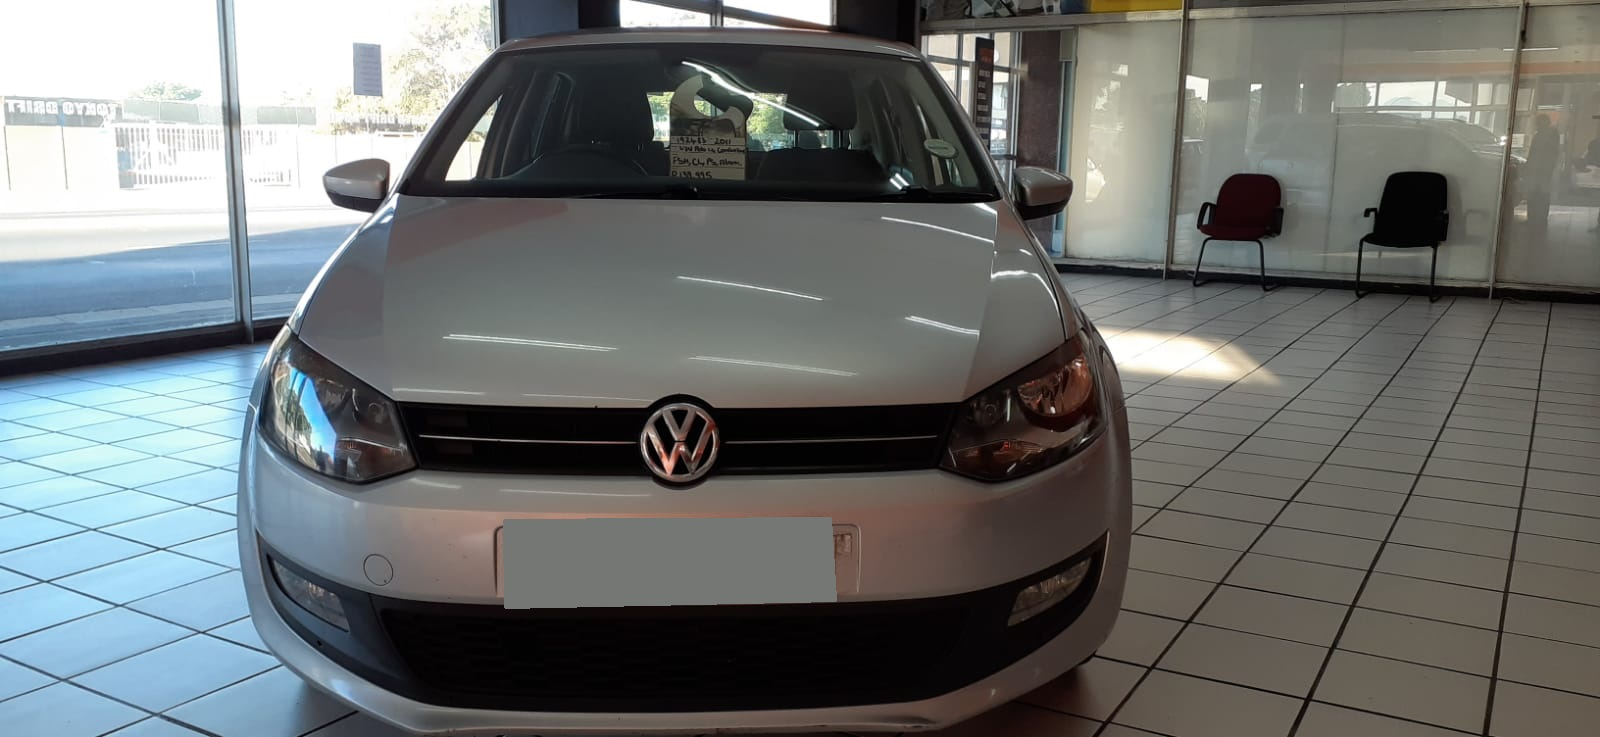 2011 Volkswagen Polo 1.4 Comfortline